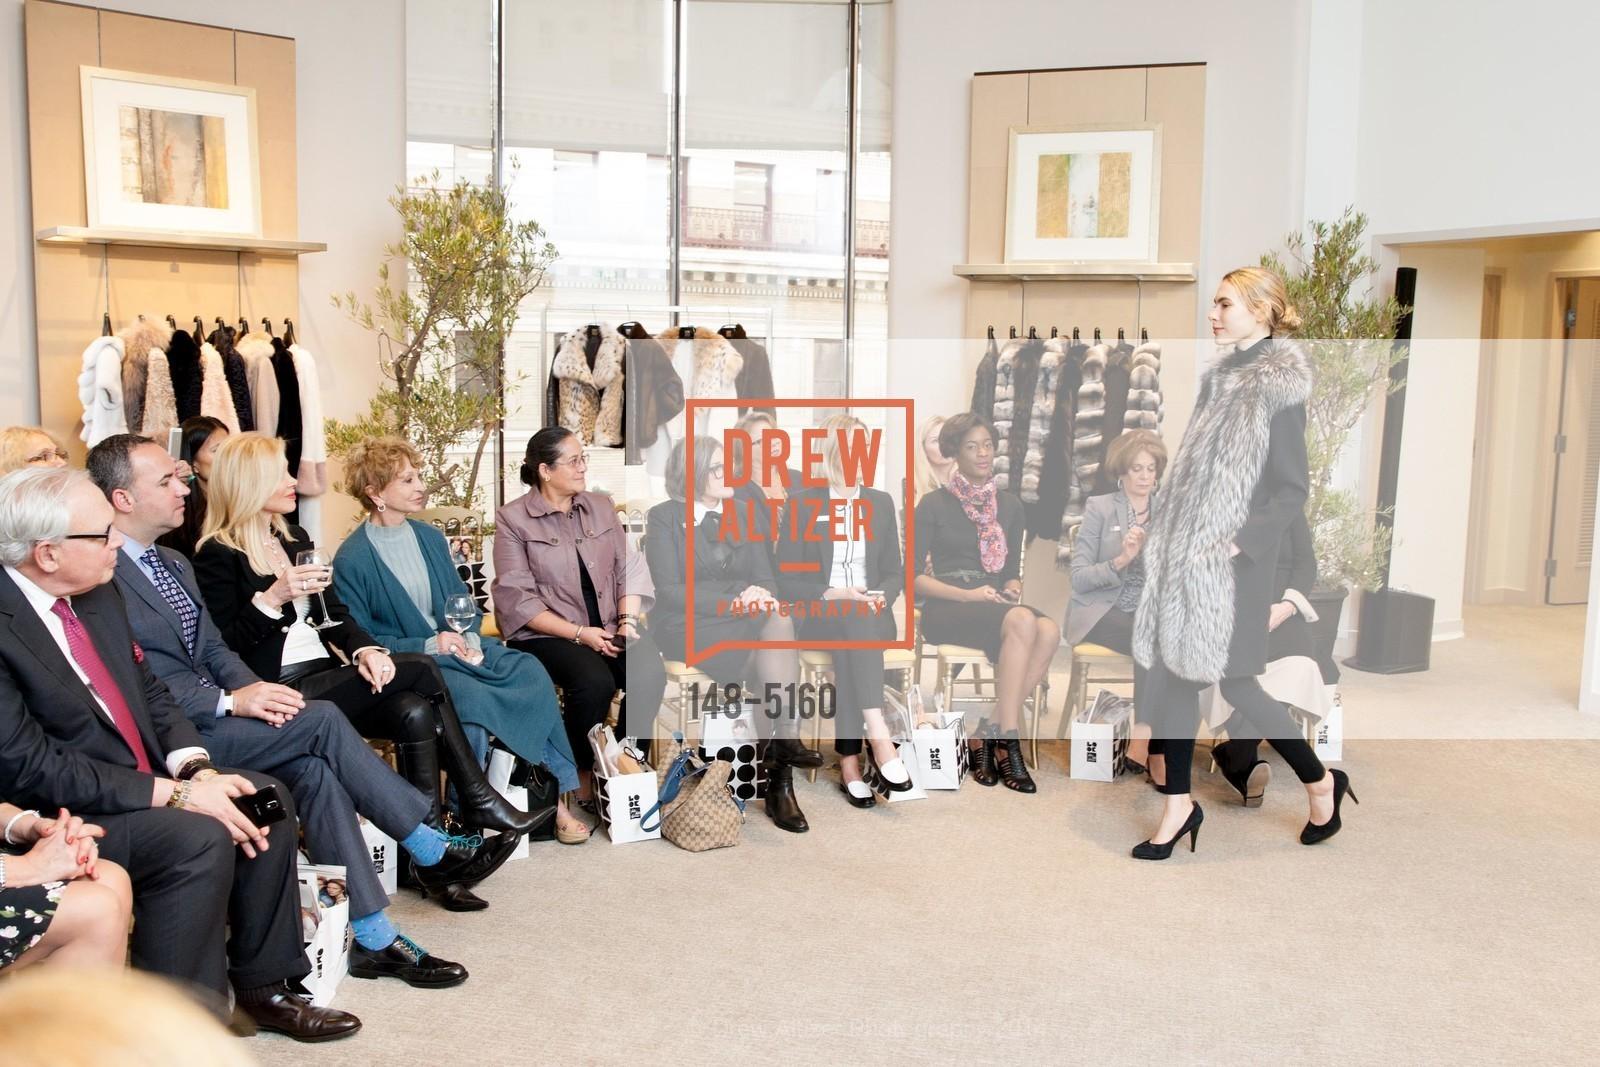 Fashion Show, Photo #148-5160